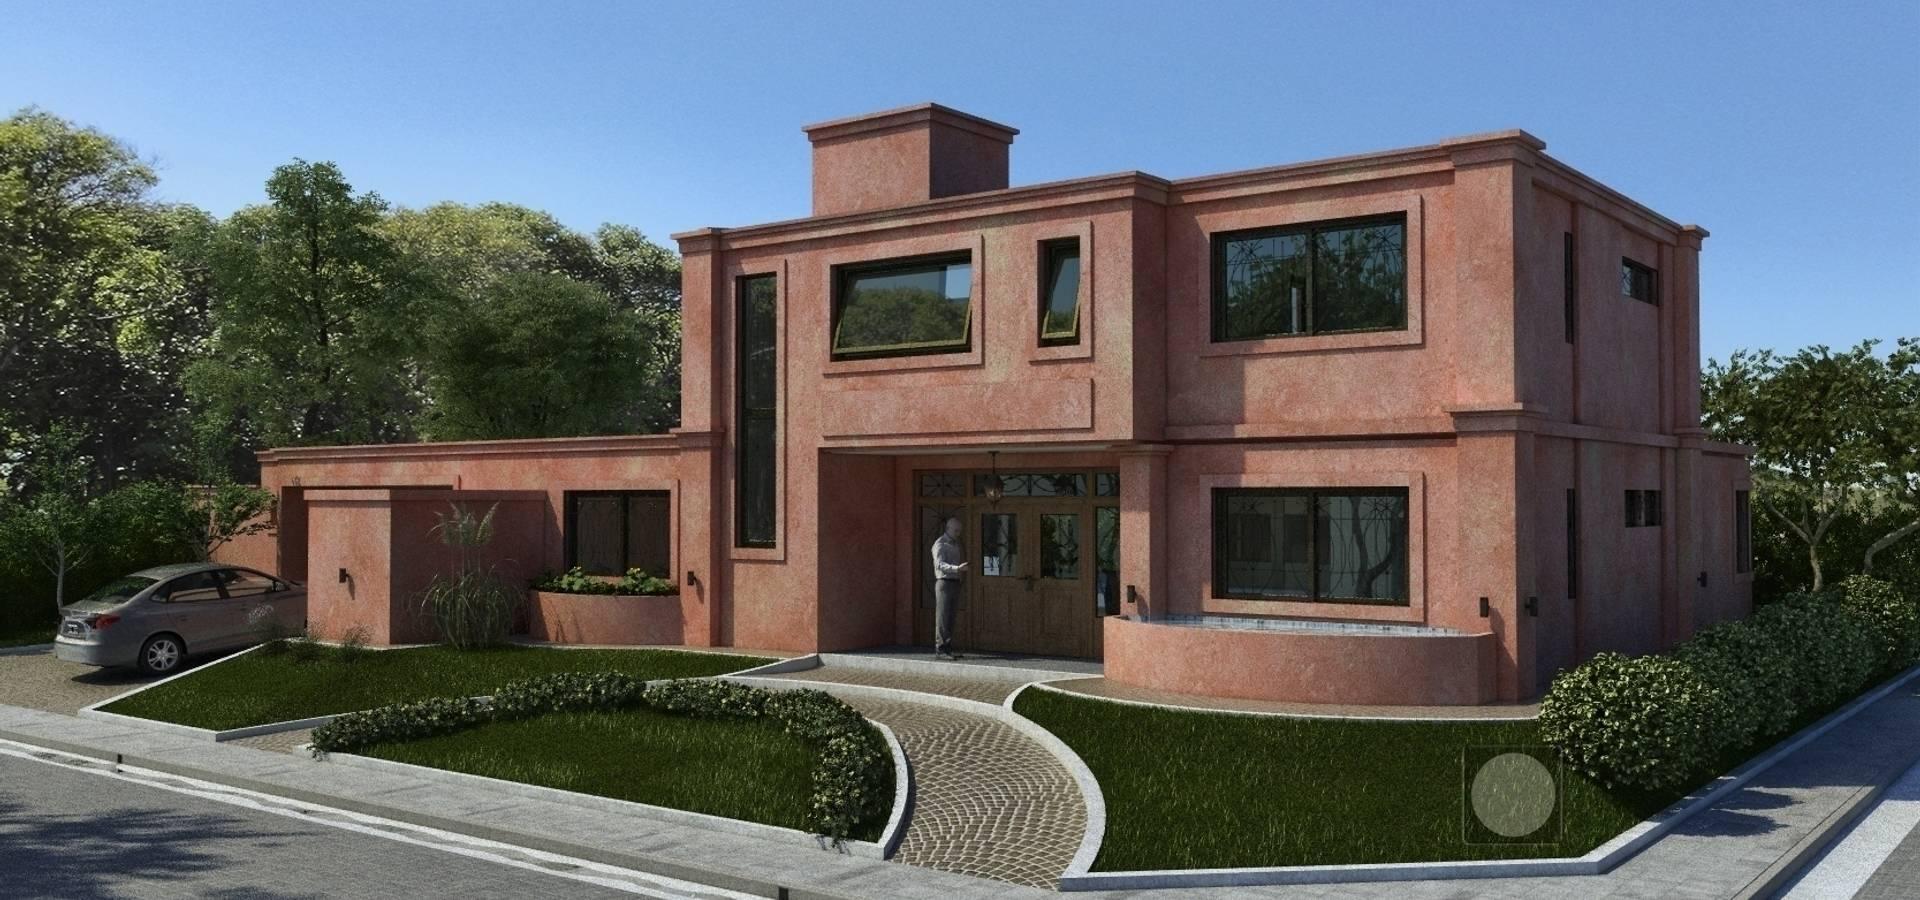 Estudio de arquitectura y dise o feng shui arquitectos en cordoba capital homify - Arquitectura y feng shui ...